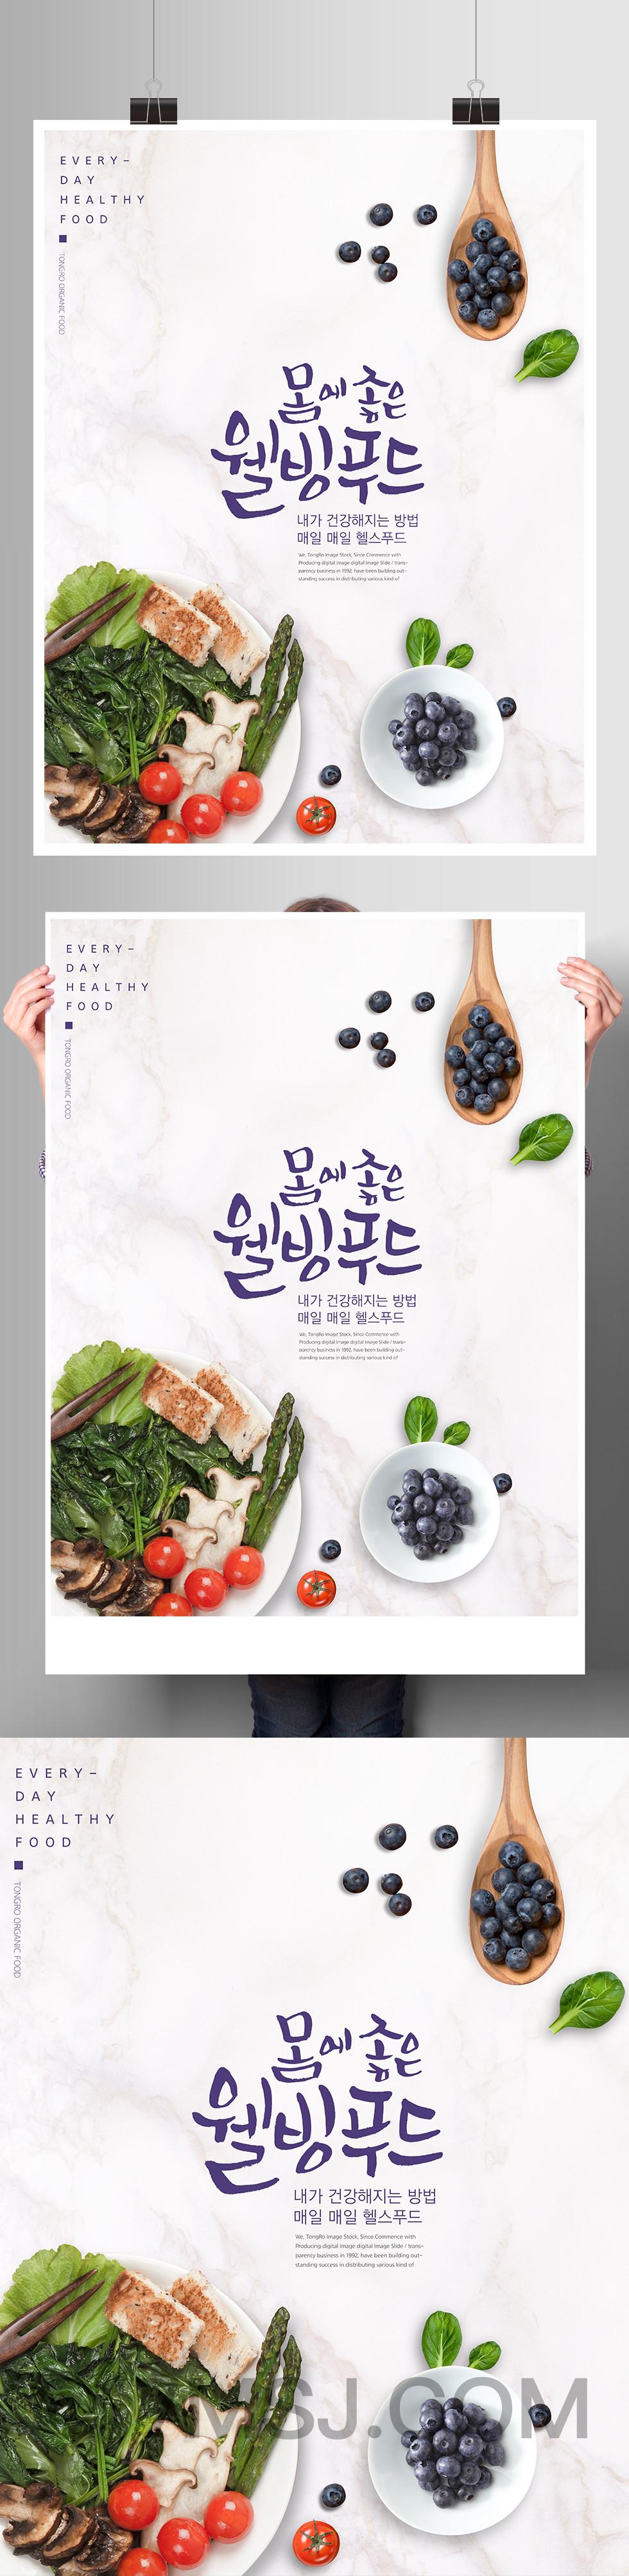 白色简约美食水果蔬菜蓝莓健康饮食海报素材